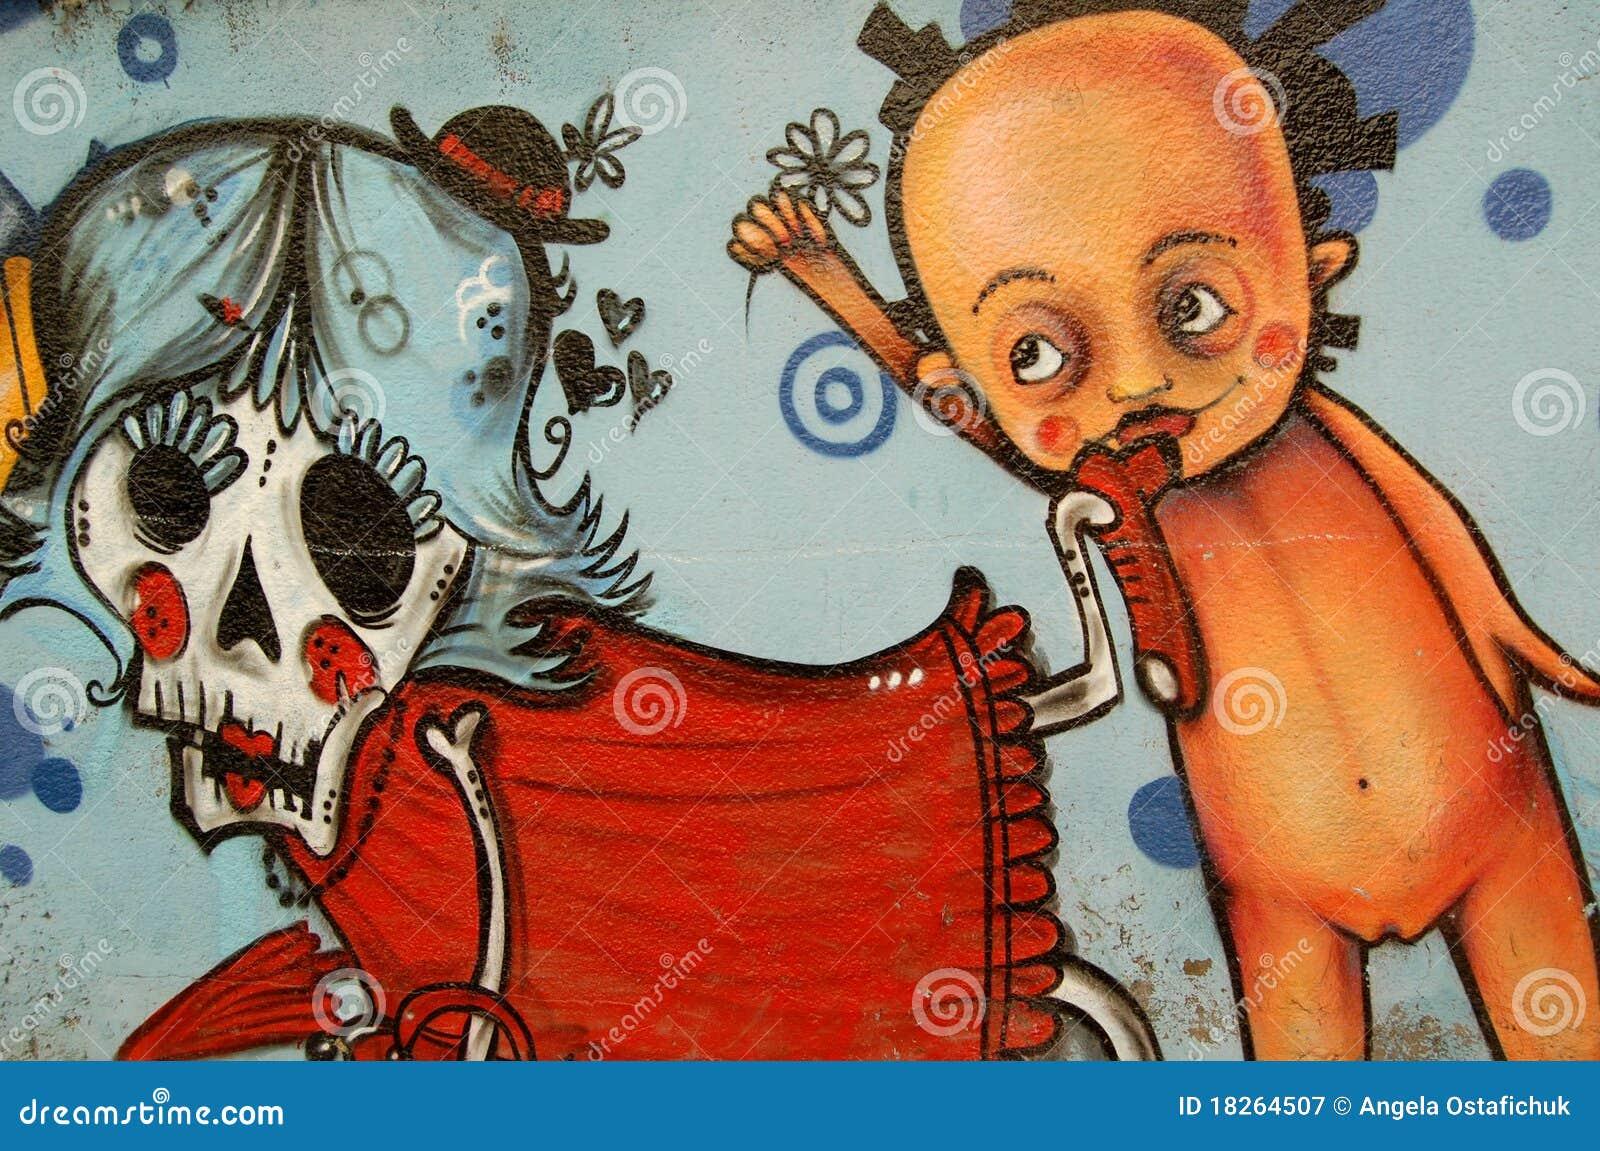 Dood Graffiti